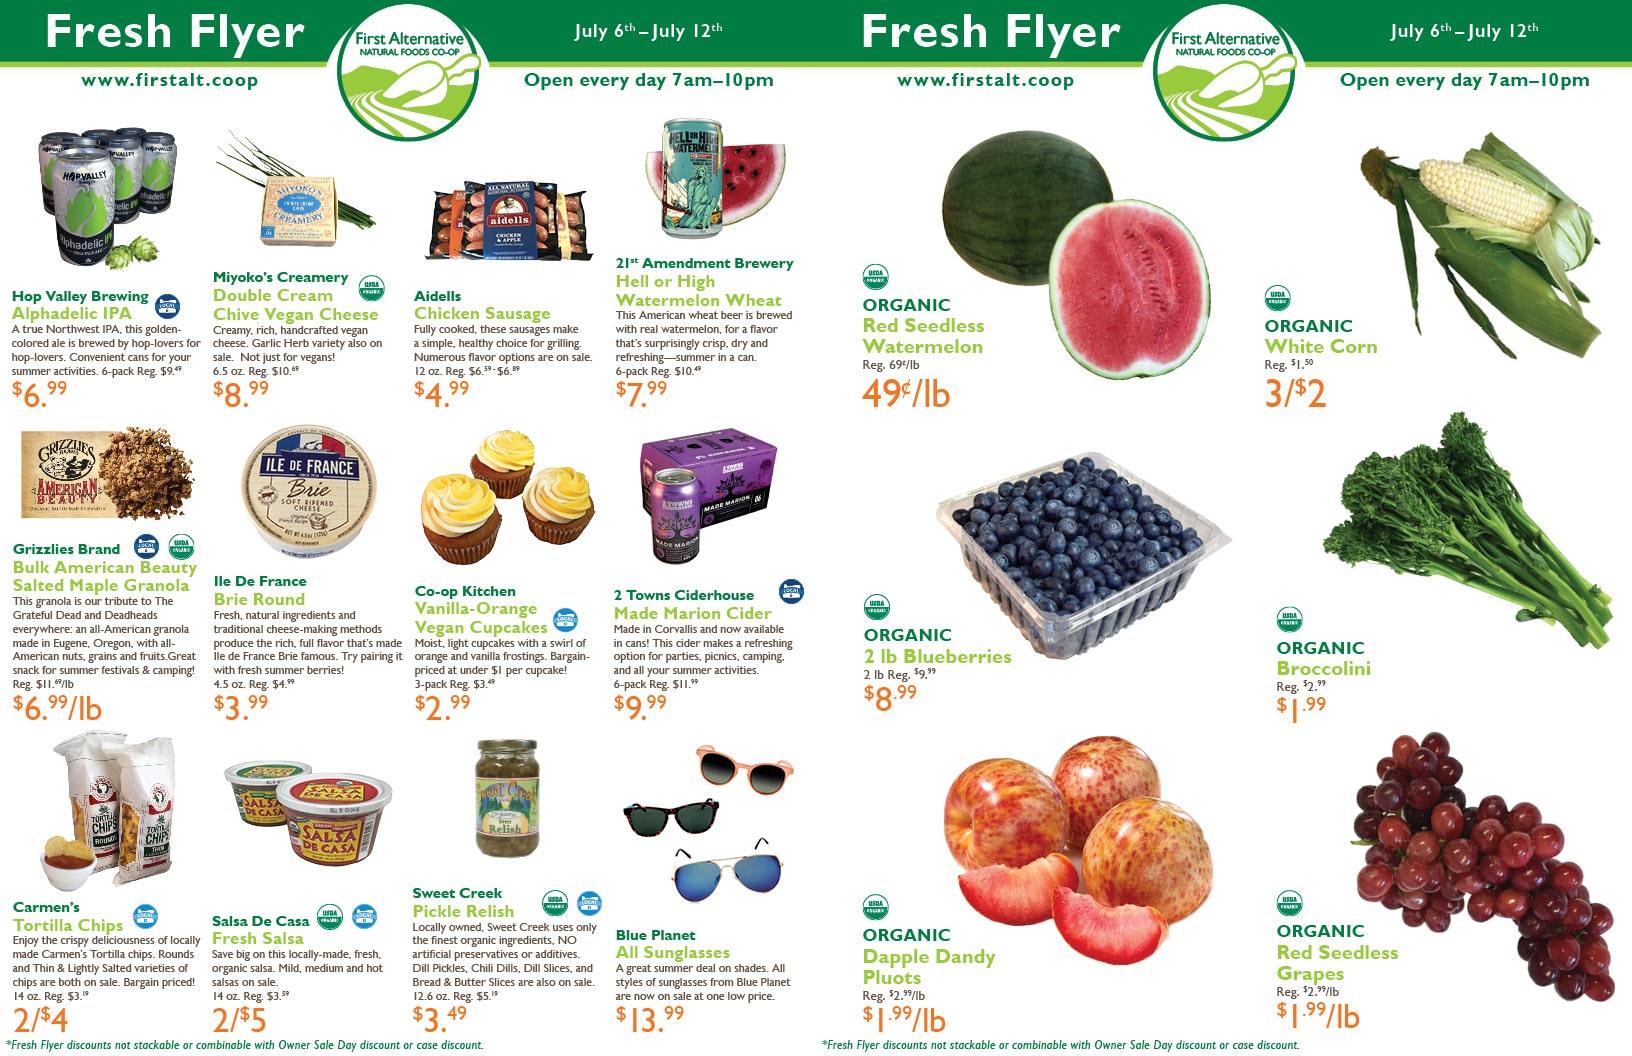 First Alternative Co-op Fresh Flyer July 6-12